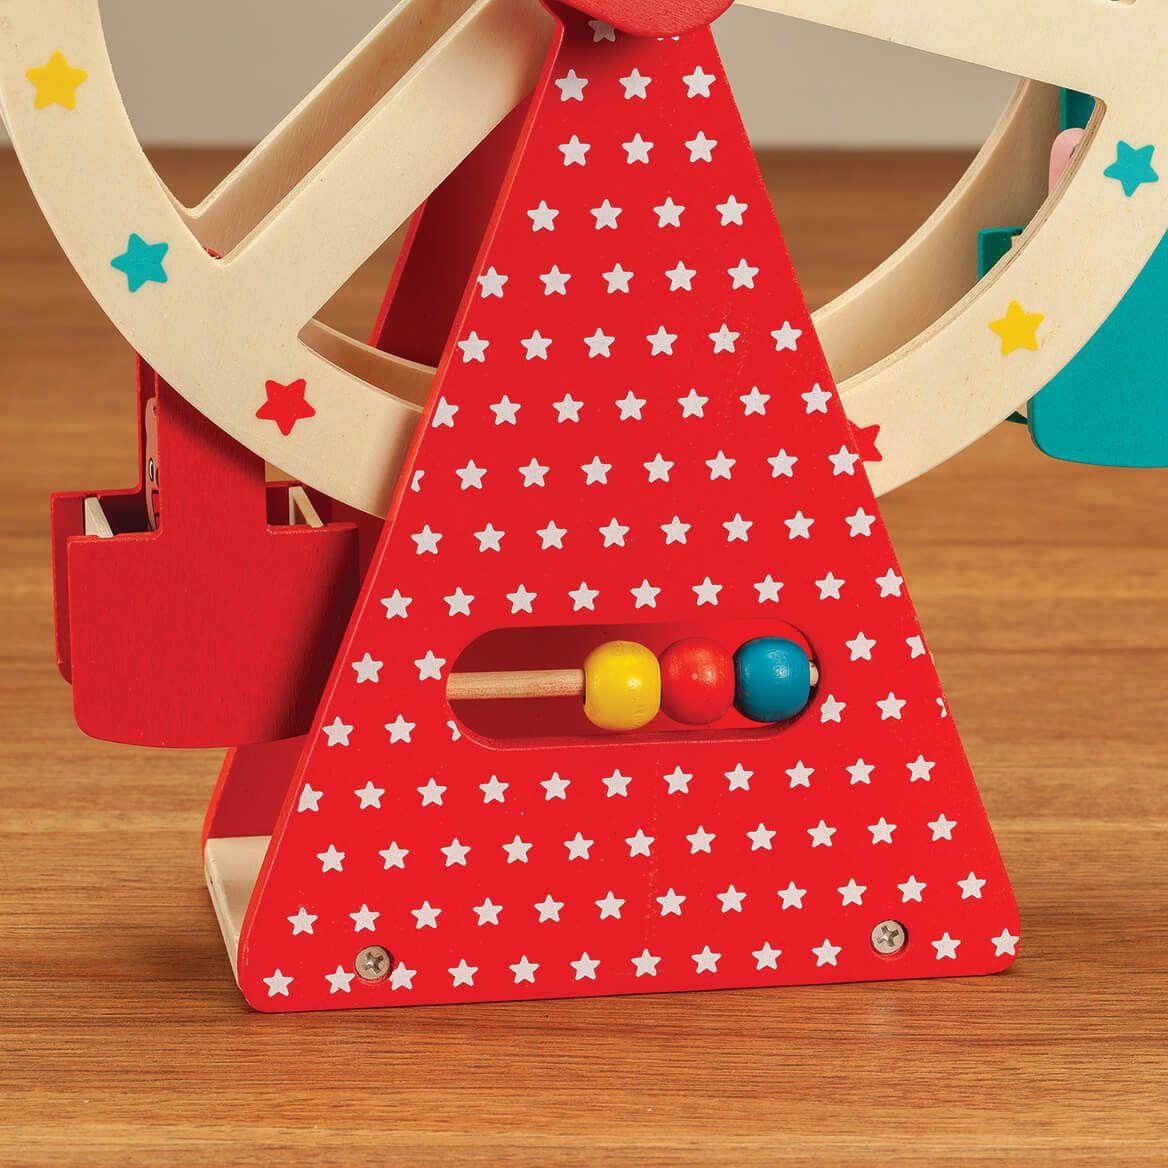 Children's Wooden Ferris Wheel Toy-372237